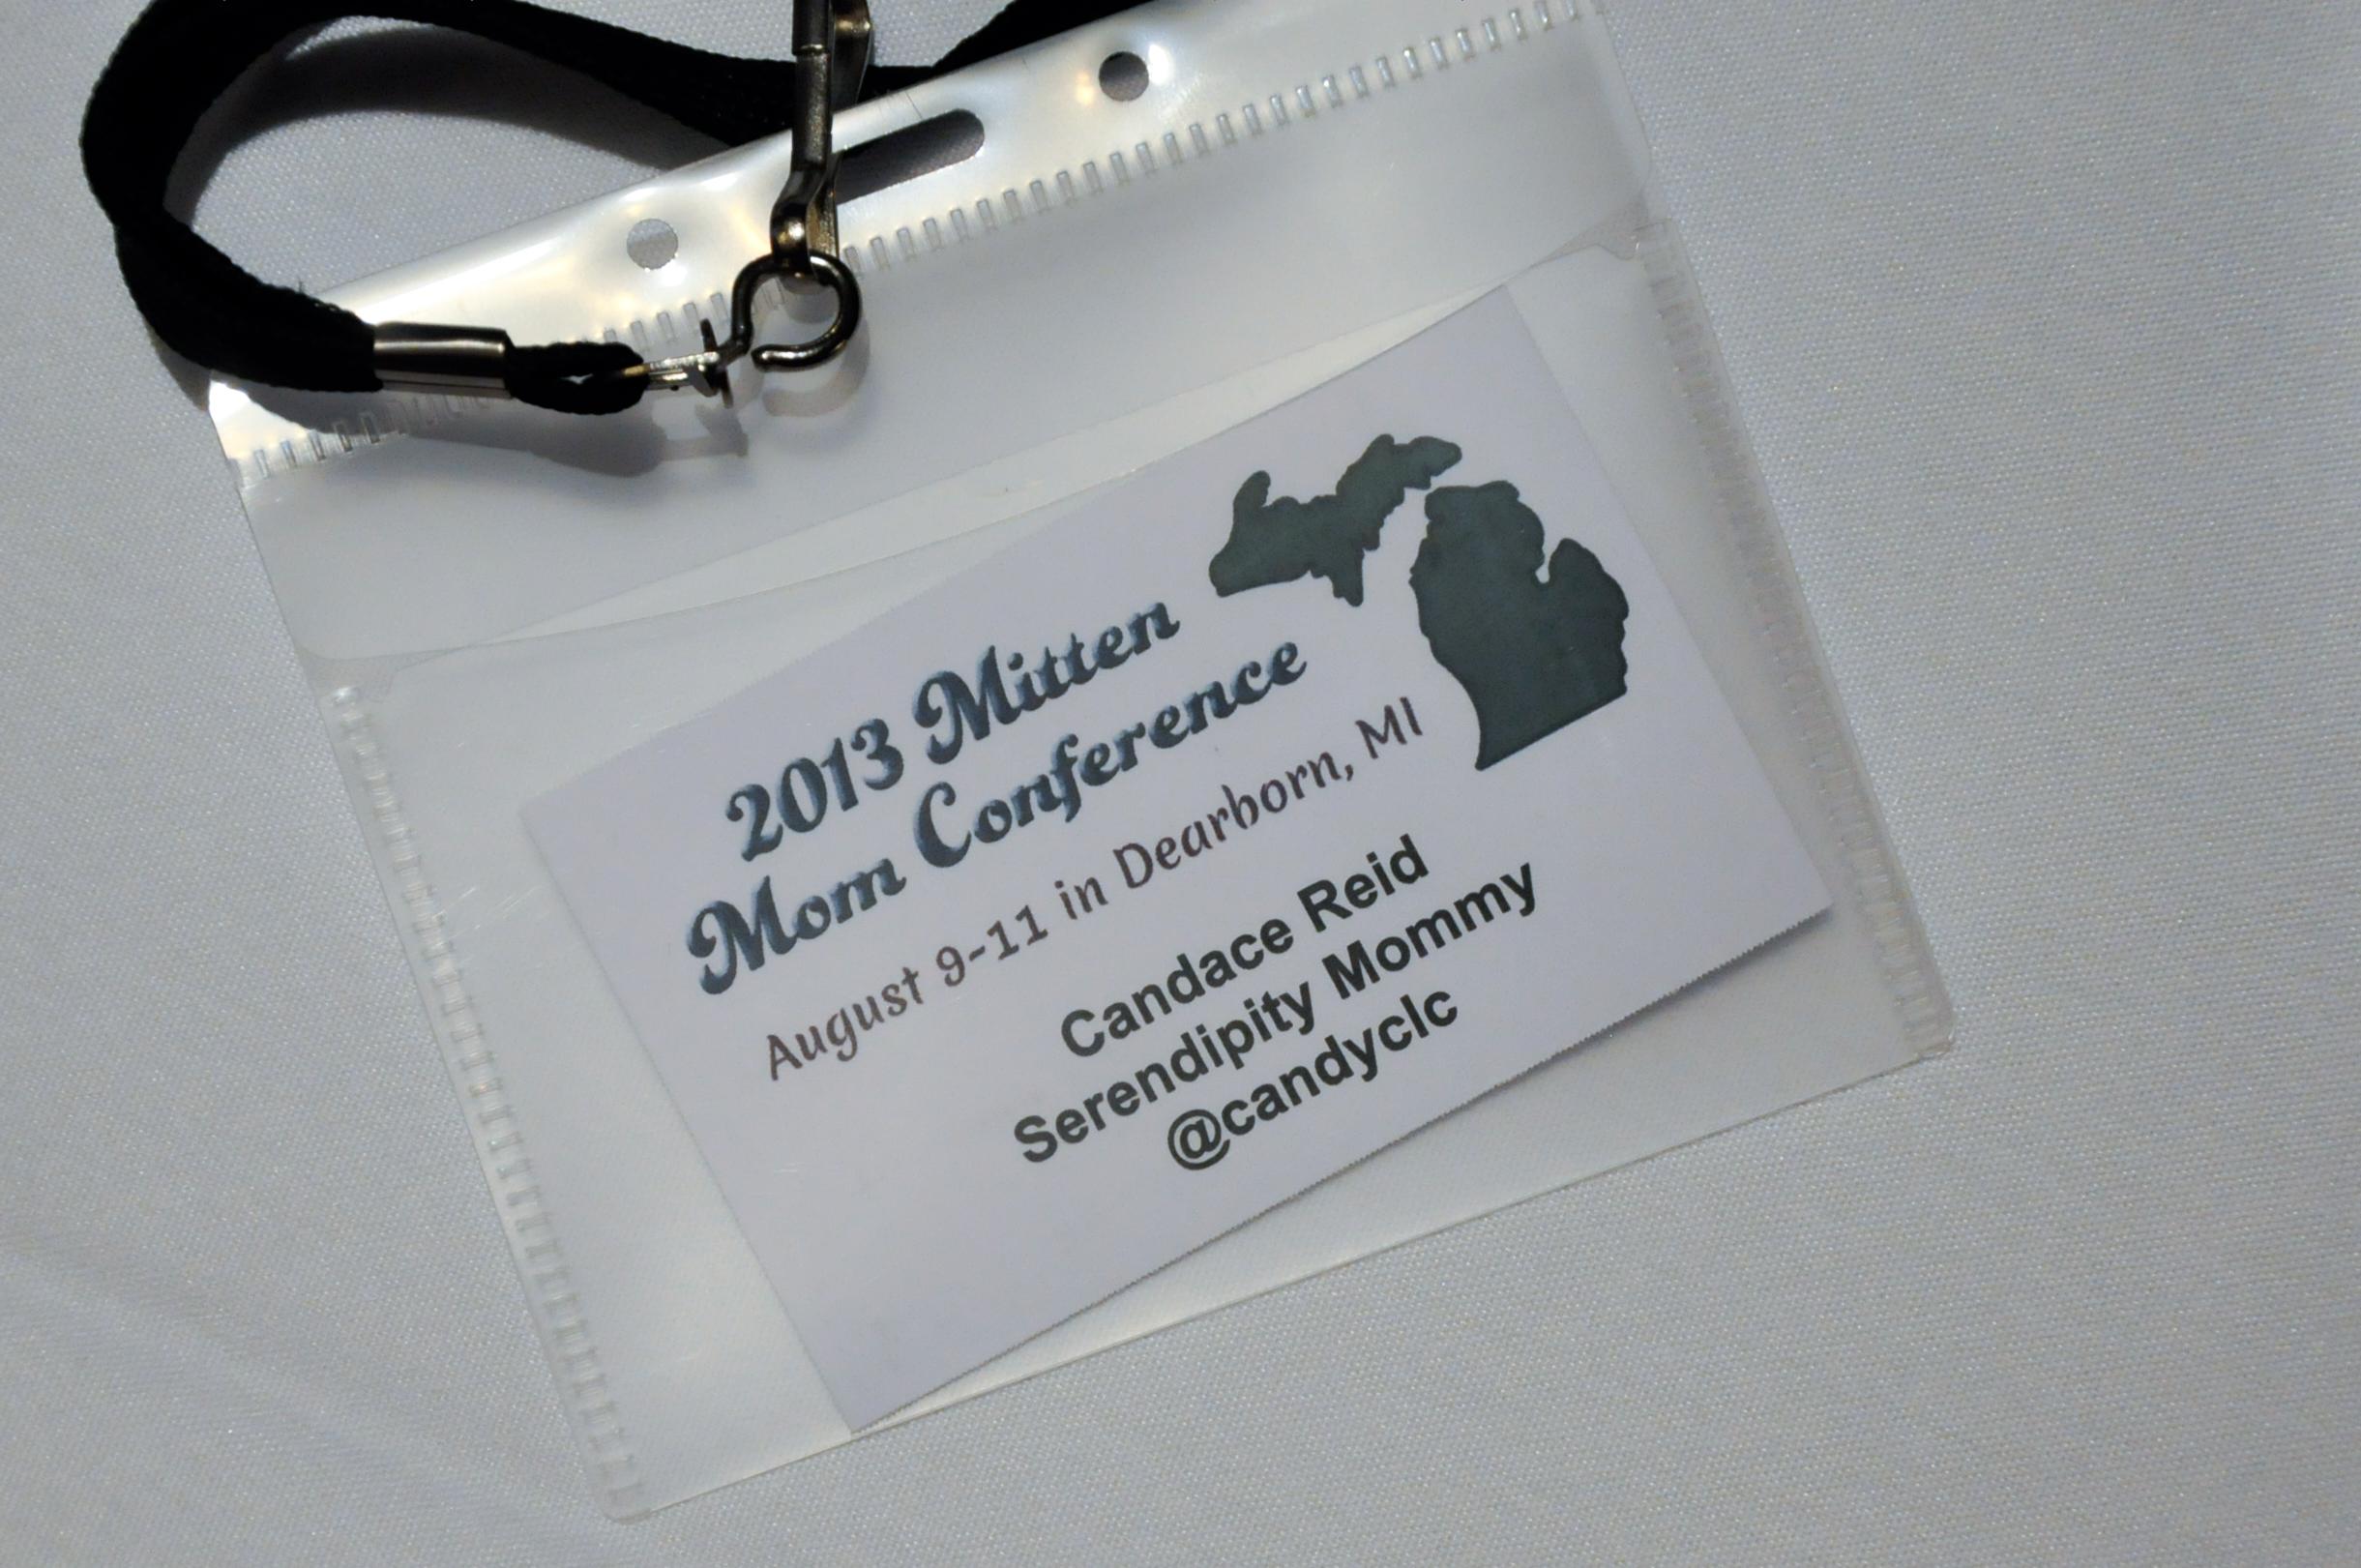 Mitten Moms Conference 2013 Recap